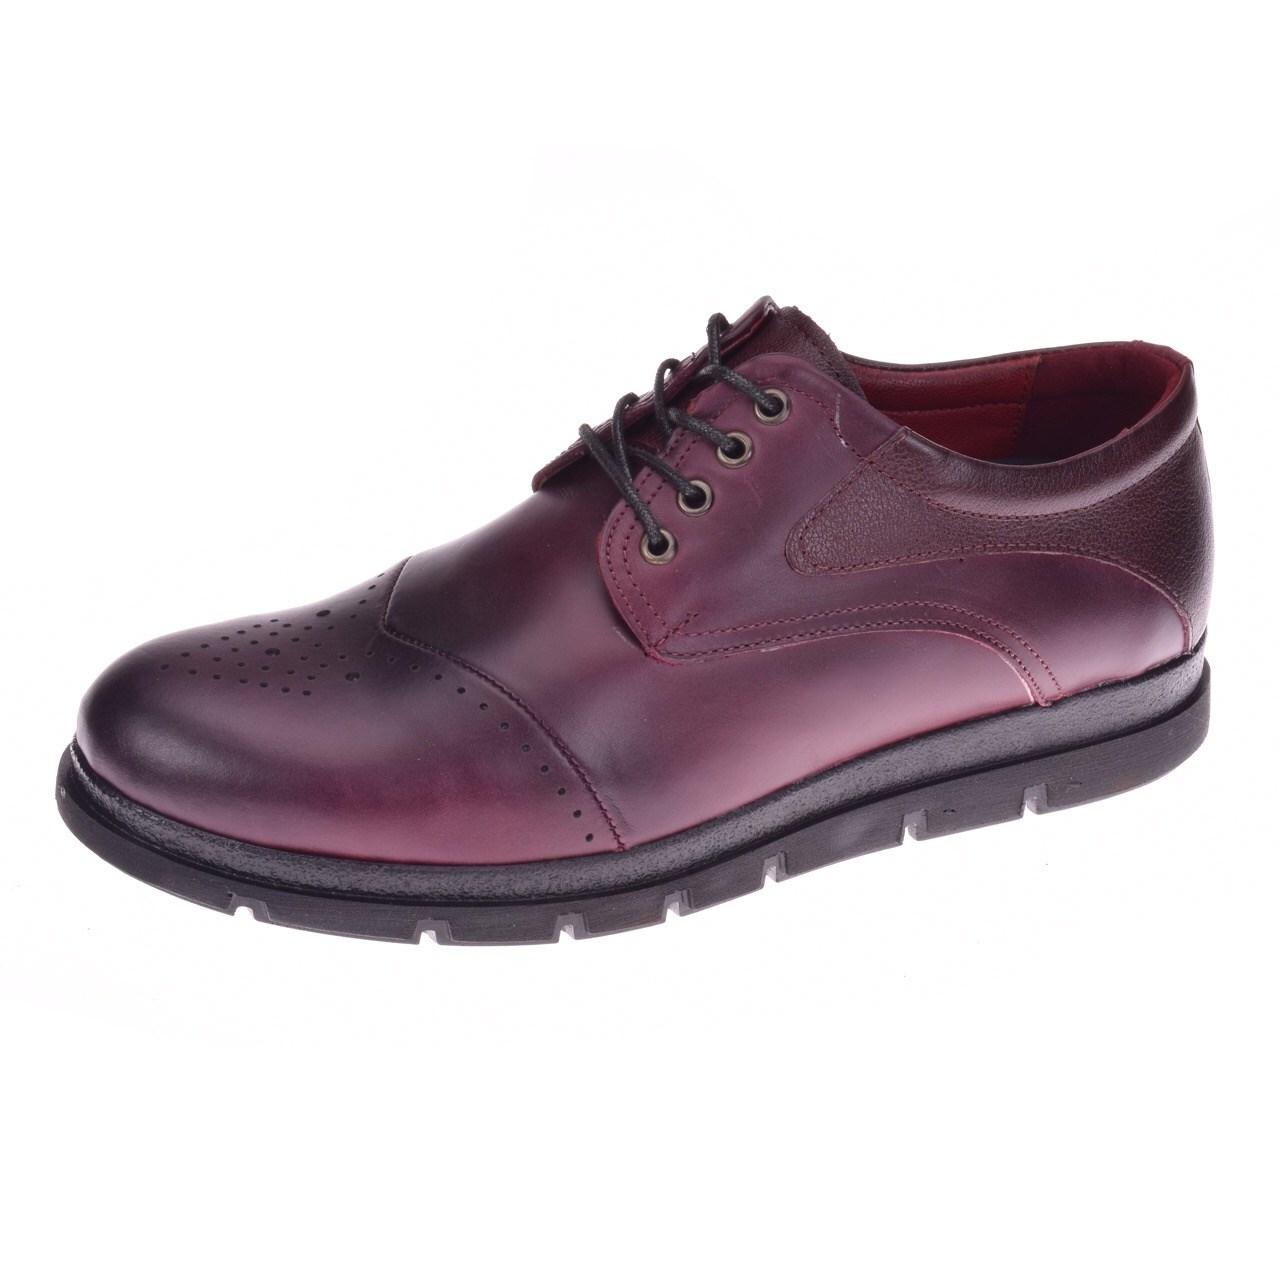 کفش مردانه پانیسا مدل Frowing-M